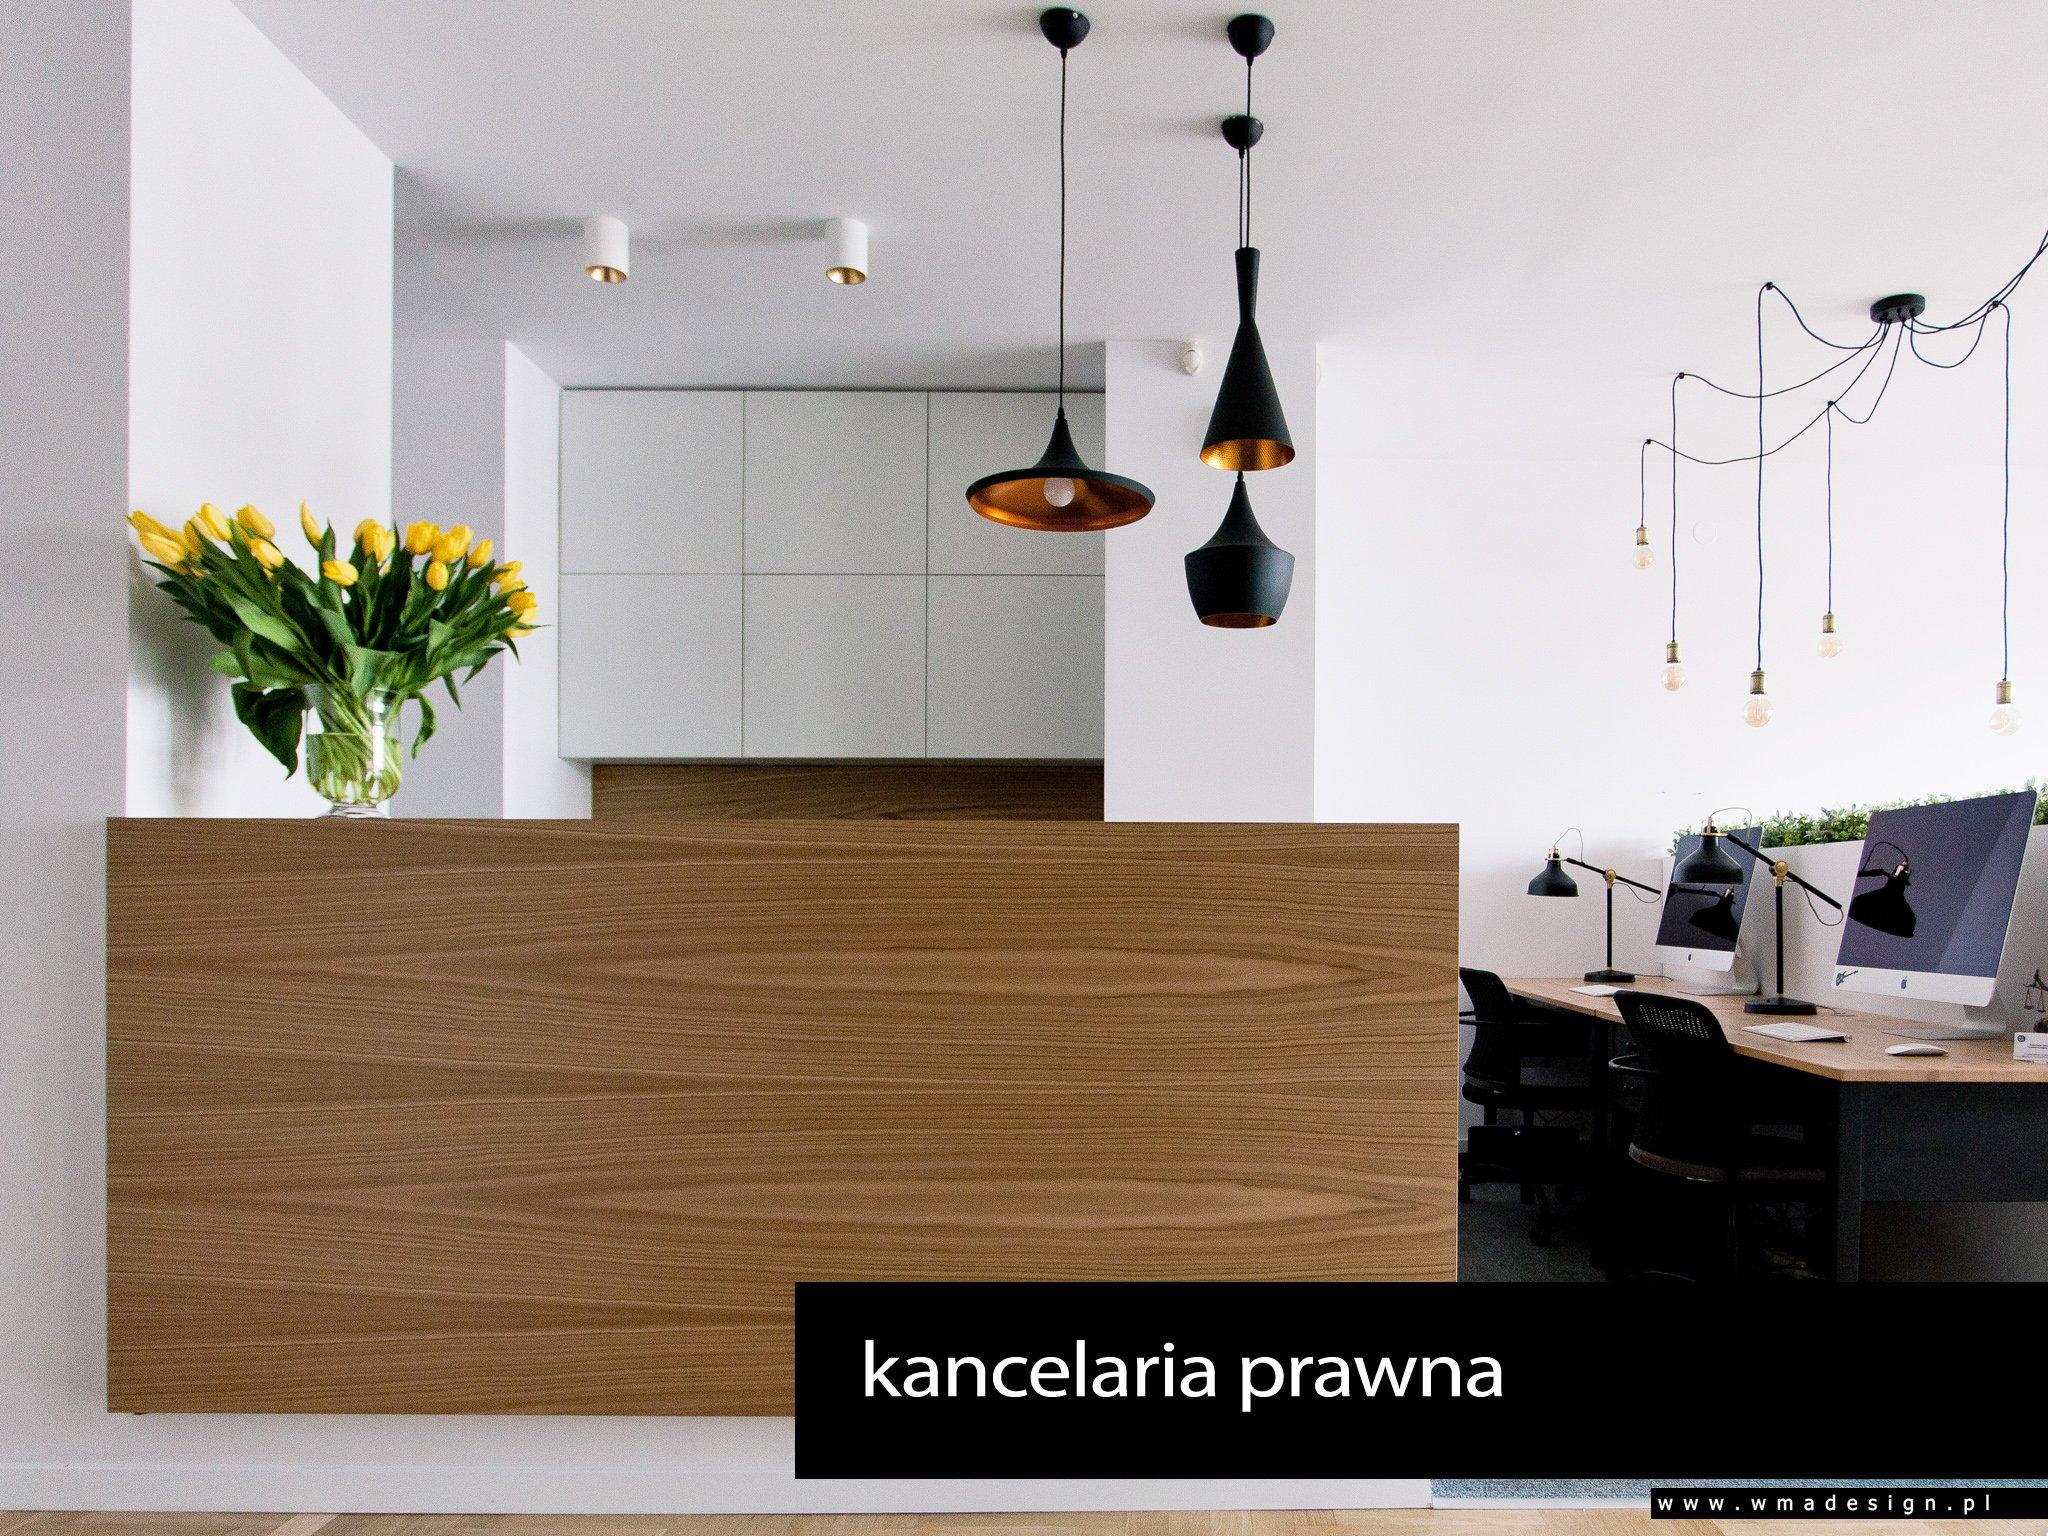 kancelaria_prawna_projekt_kancelarii_prawnej_Warszawa_WMA_Design